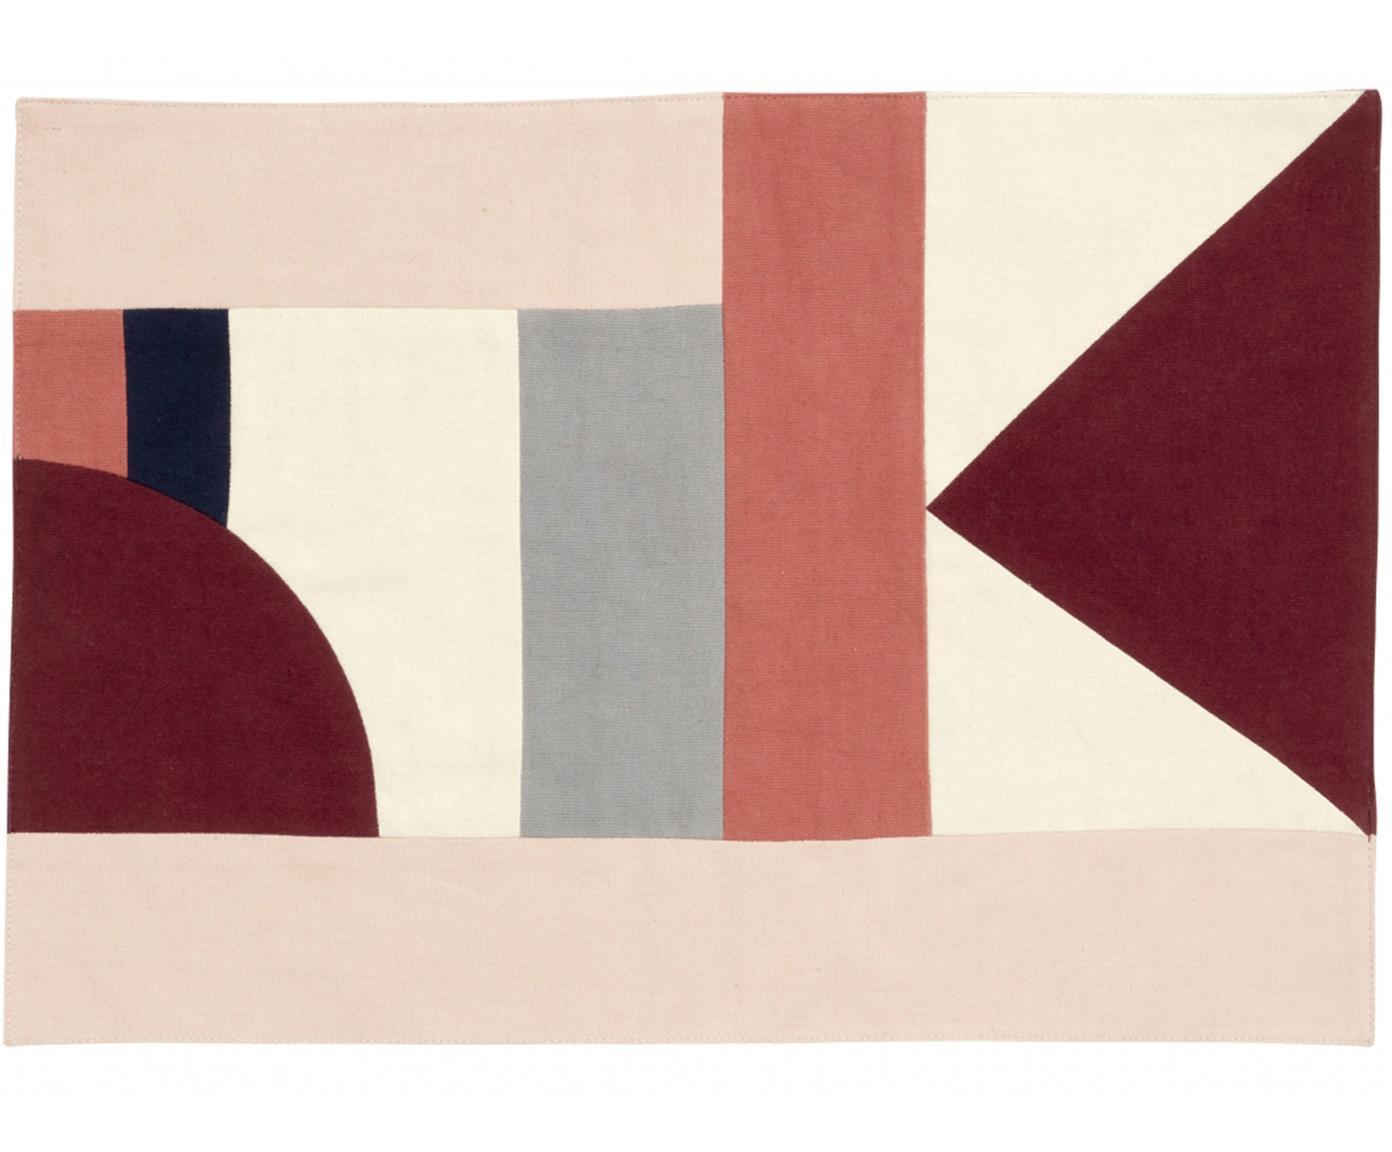 Tischsets Patchwork, 2 Stück, Baumwolle, Rottöne, Beigetöne, Schwarz, 48 x 0 cm